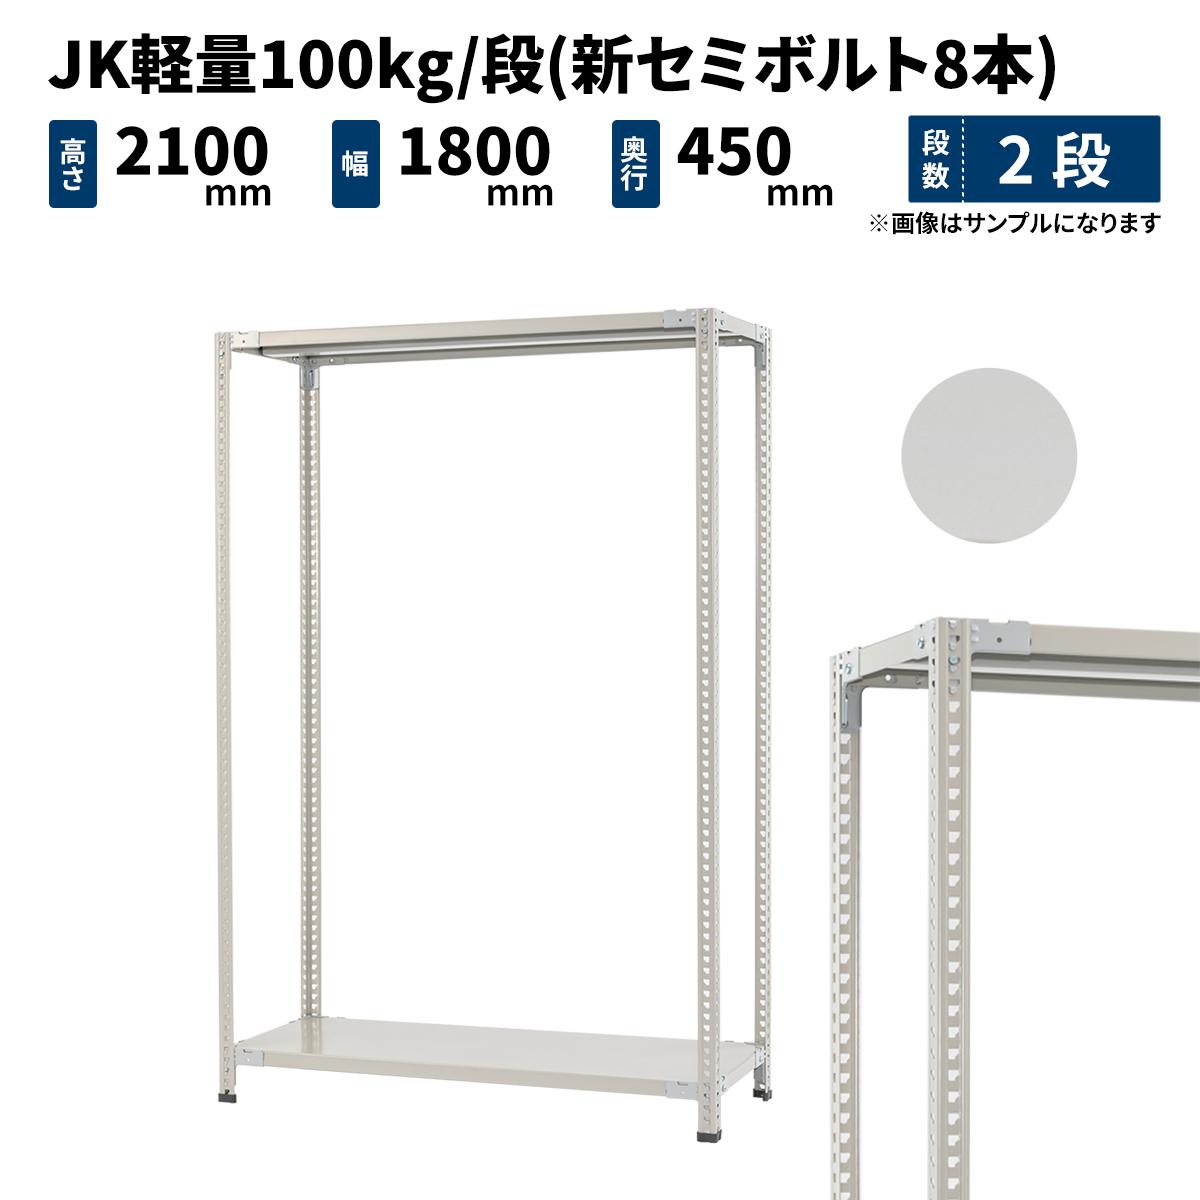 スチールラック 業務用 JK軽量100kg/段(新セミボルト8本) 高さ2100×幅1800×奥行450mm 2段 ホワイトグレー (30kg) JK100NT-211845-2